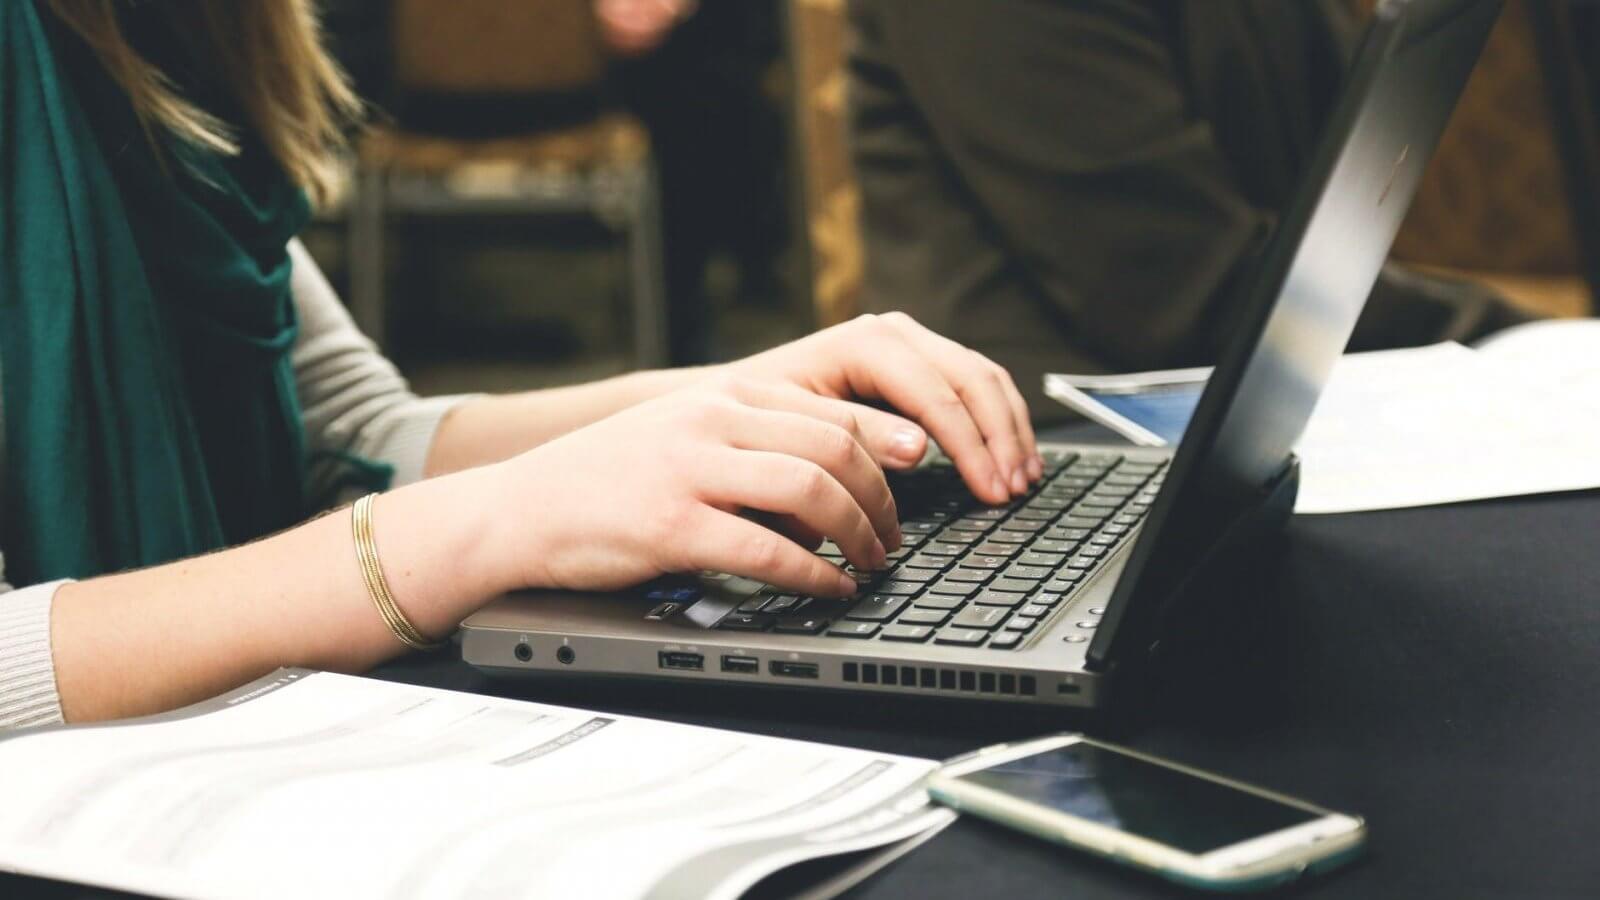 paperless working laptop